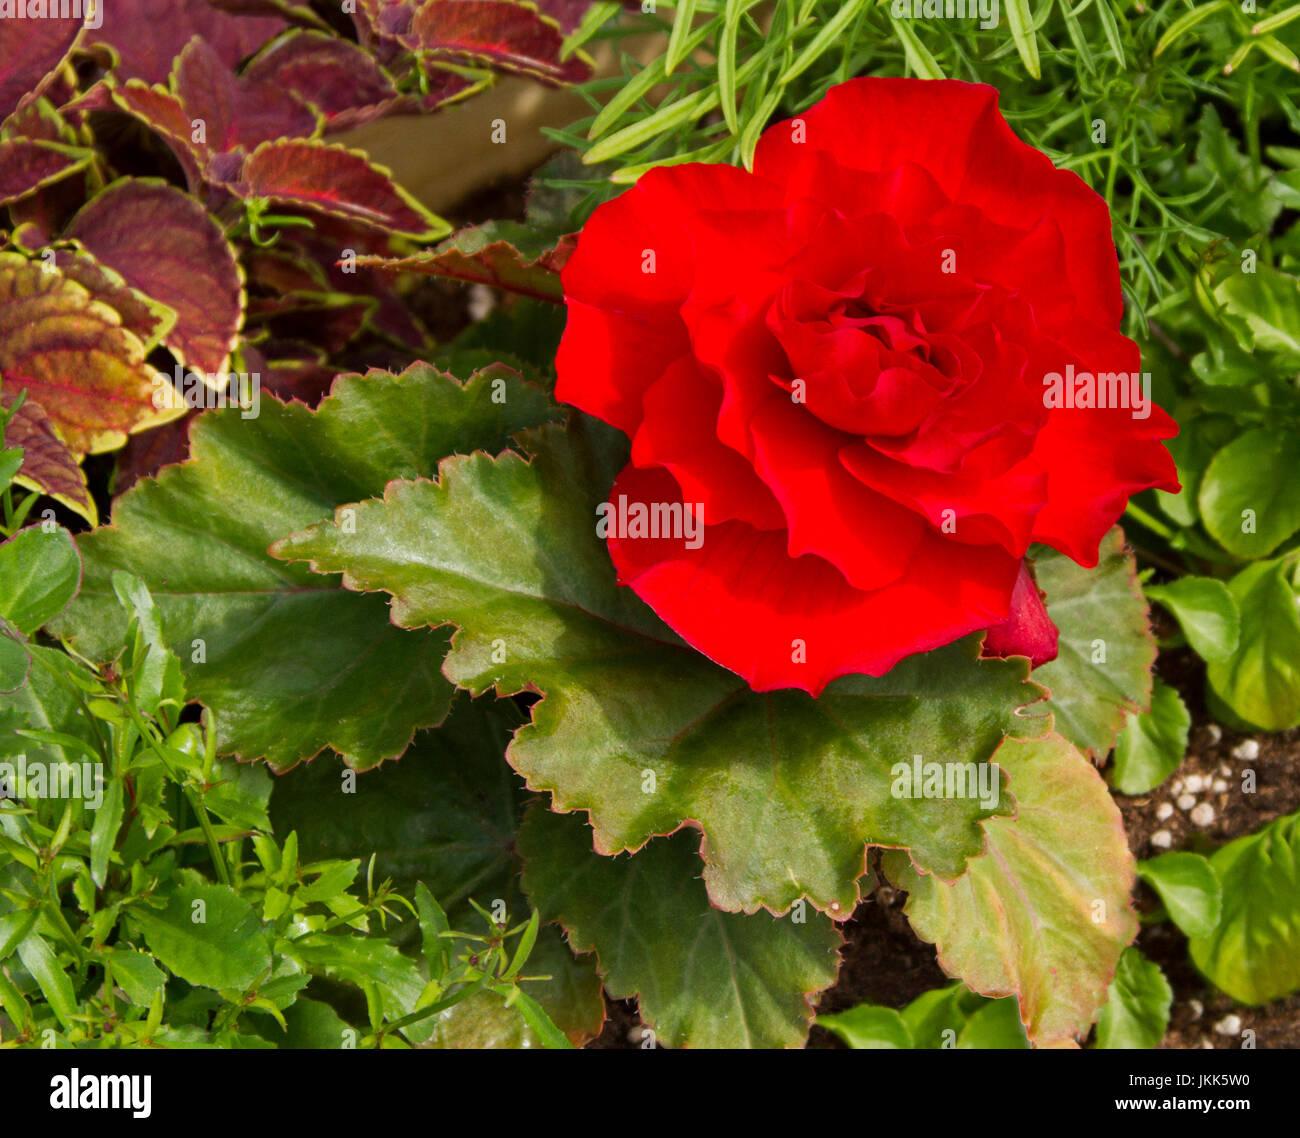 Rosso Vivo Di Fiori E Foglie Di Colore Verde Scuro Di Begonia